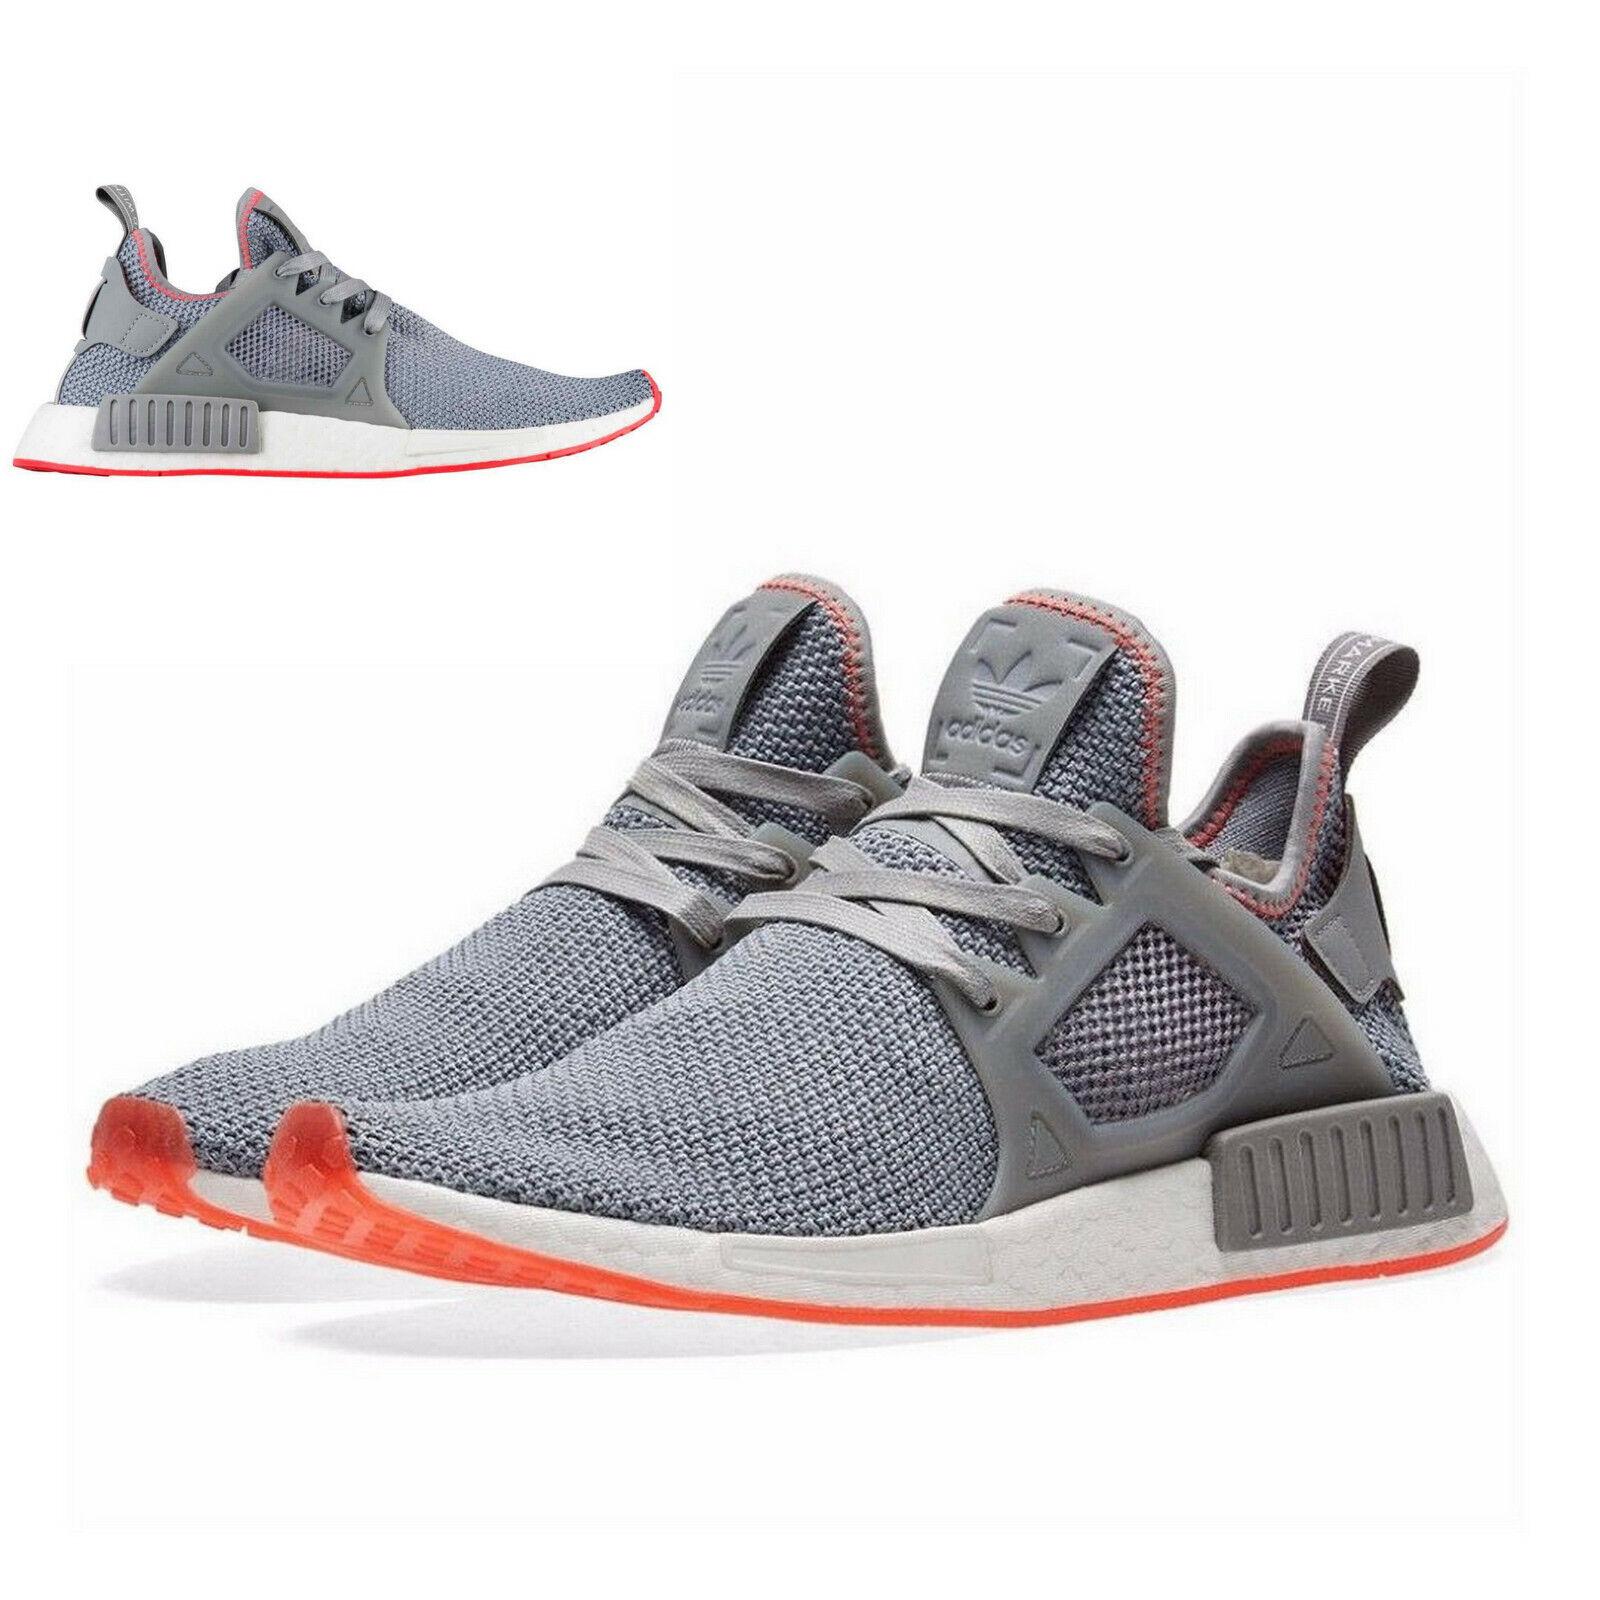 ADIDAS NMD xr1 Primeknit Originals scarpe da ginnastica by9925 grigio rosso Carpet